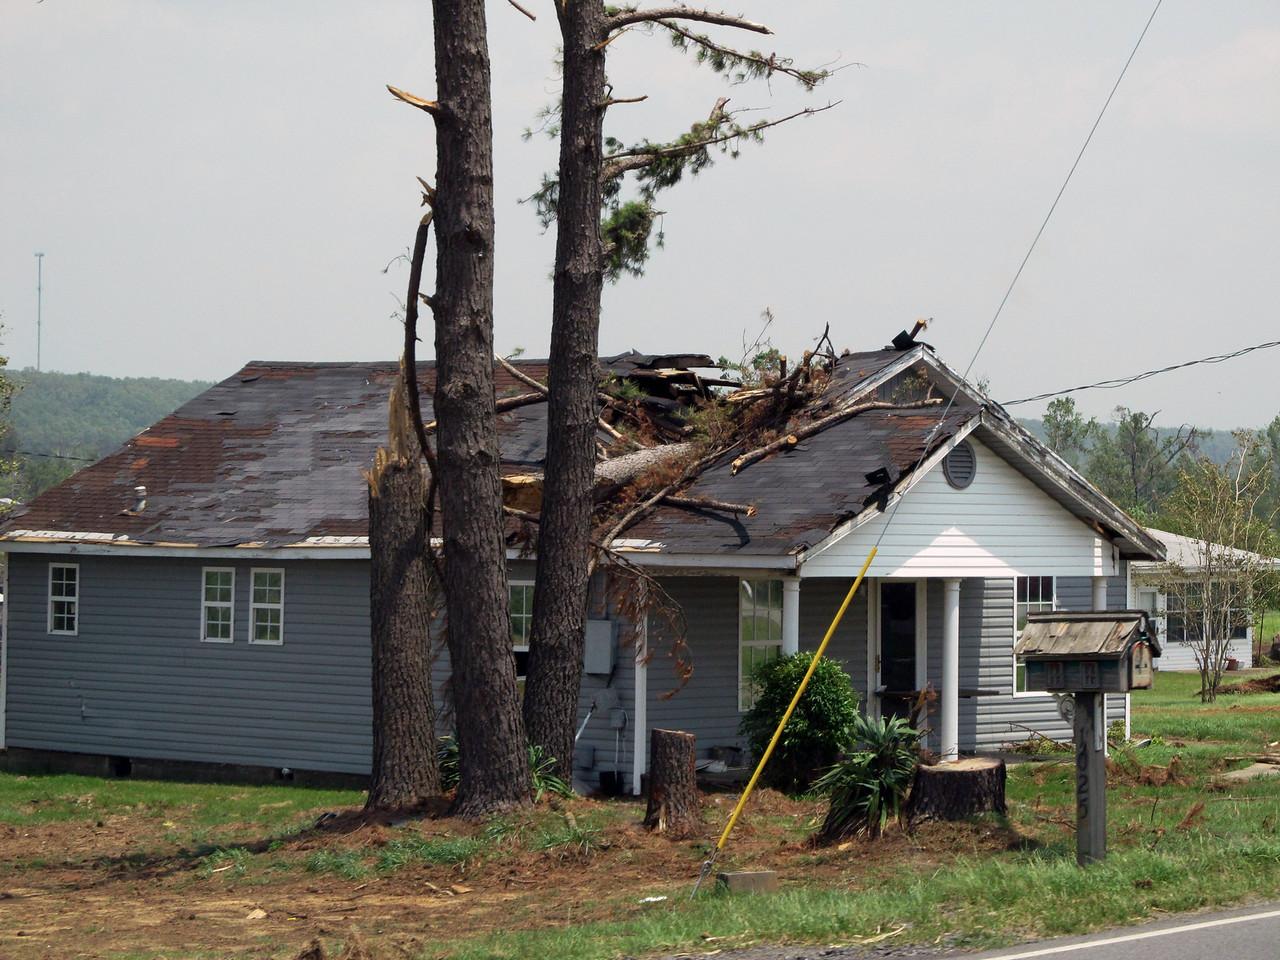 Vilonia, Arkansas, Destruction